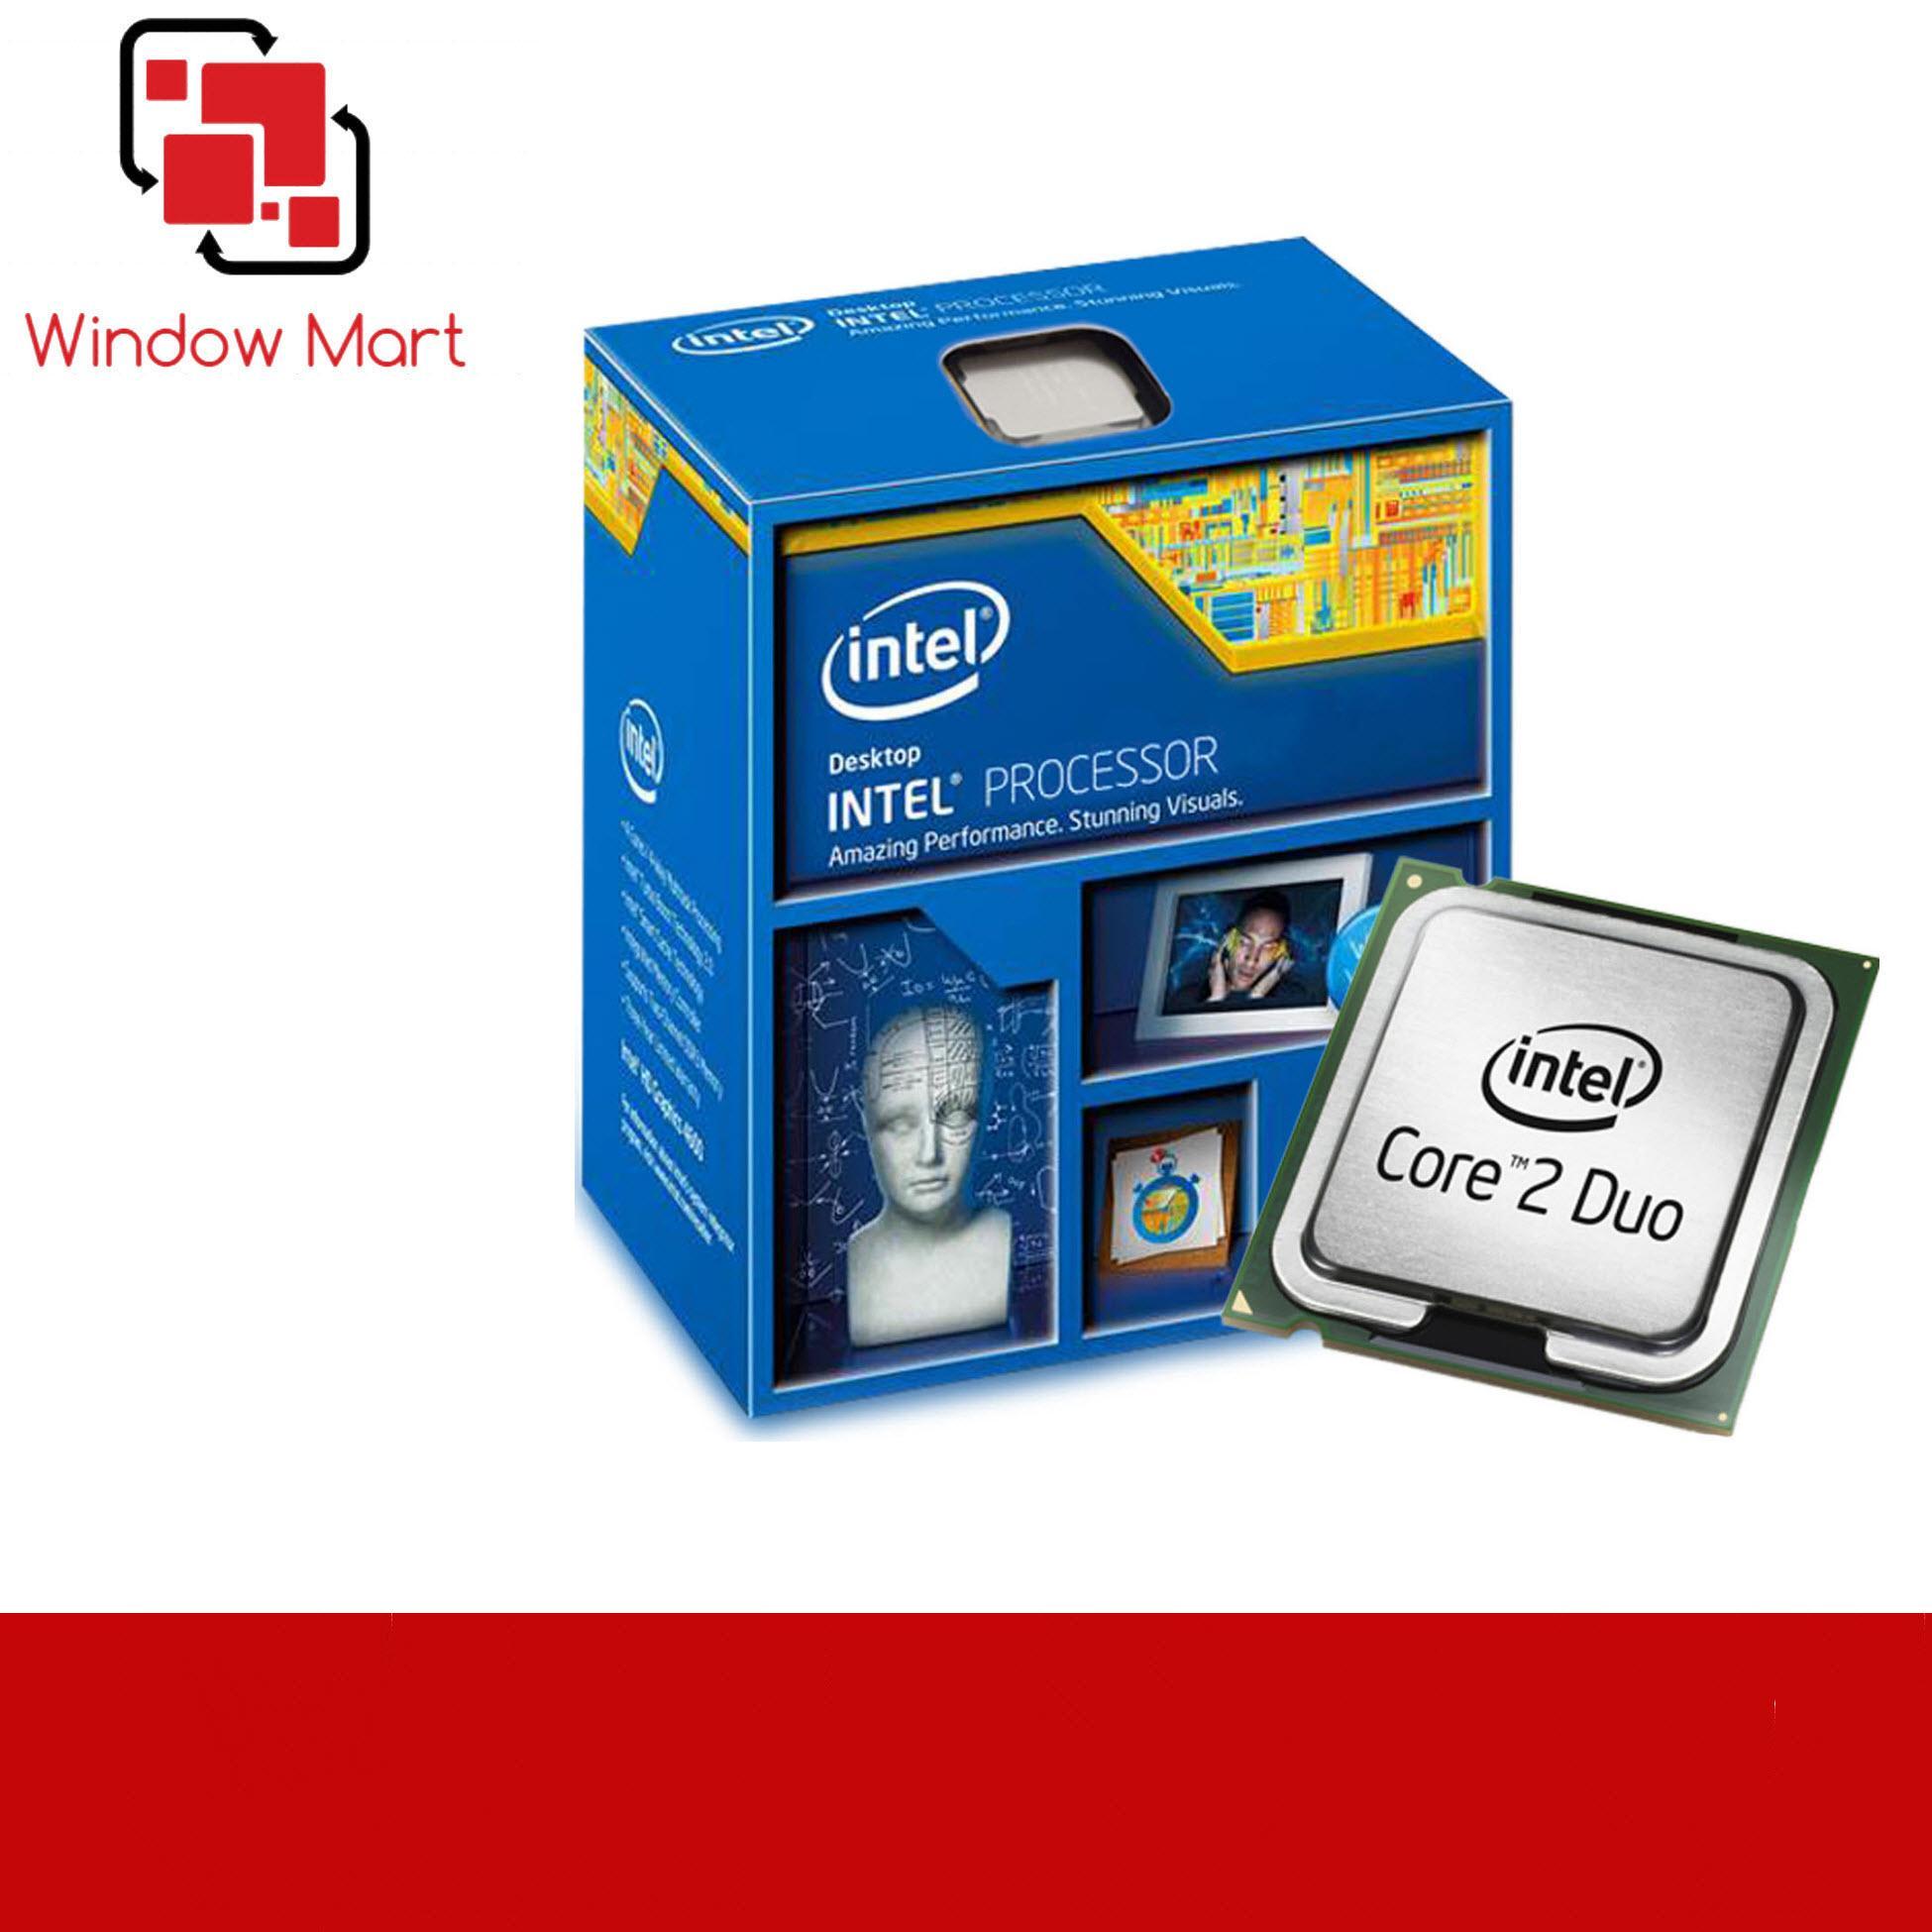 Bộ Vi xử lý Intel Core 2 Duo E7500 (2 lõi- 2 Luồng) Chất Lượng Tốt